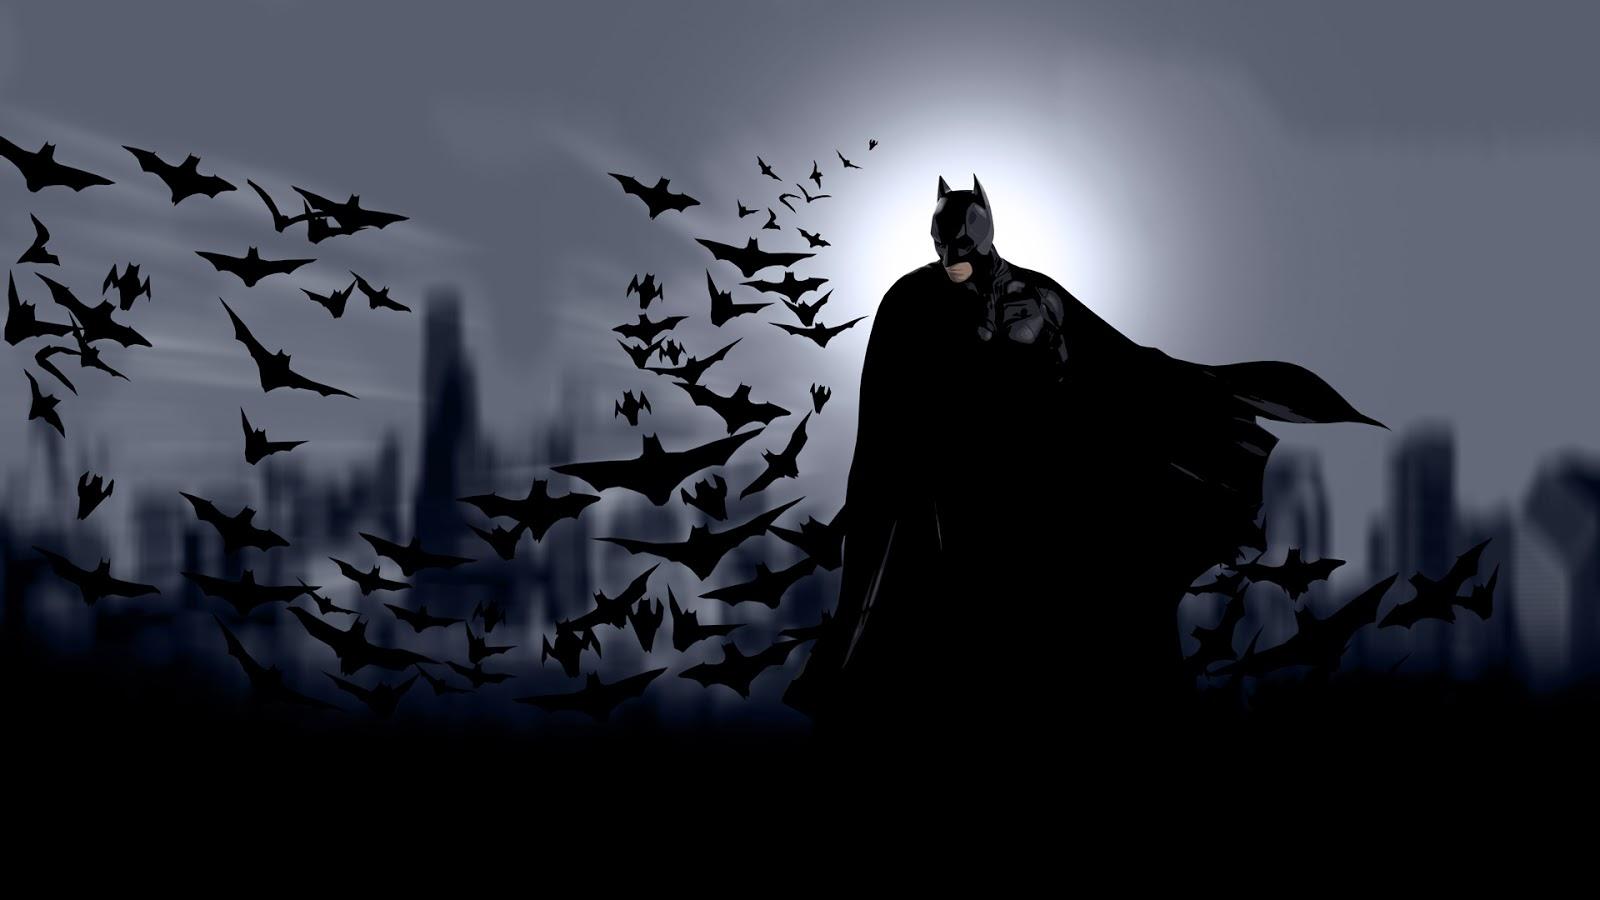 Wallpaper Batman HD   Deloiz Wallpaper